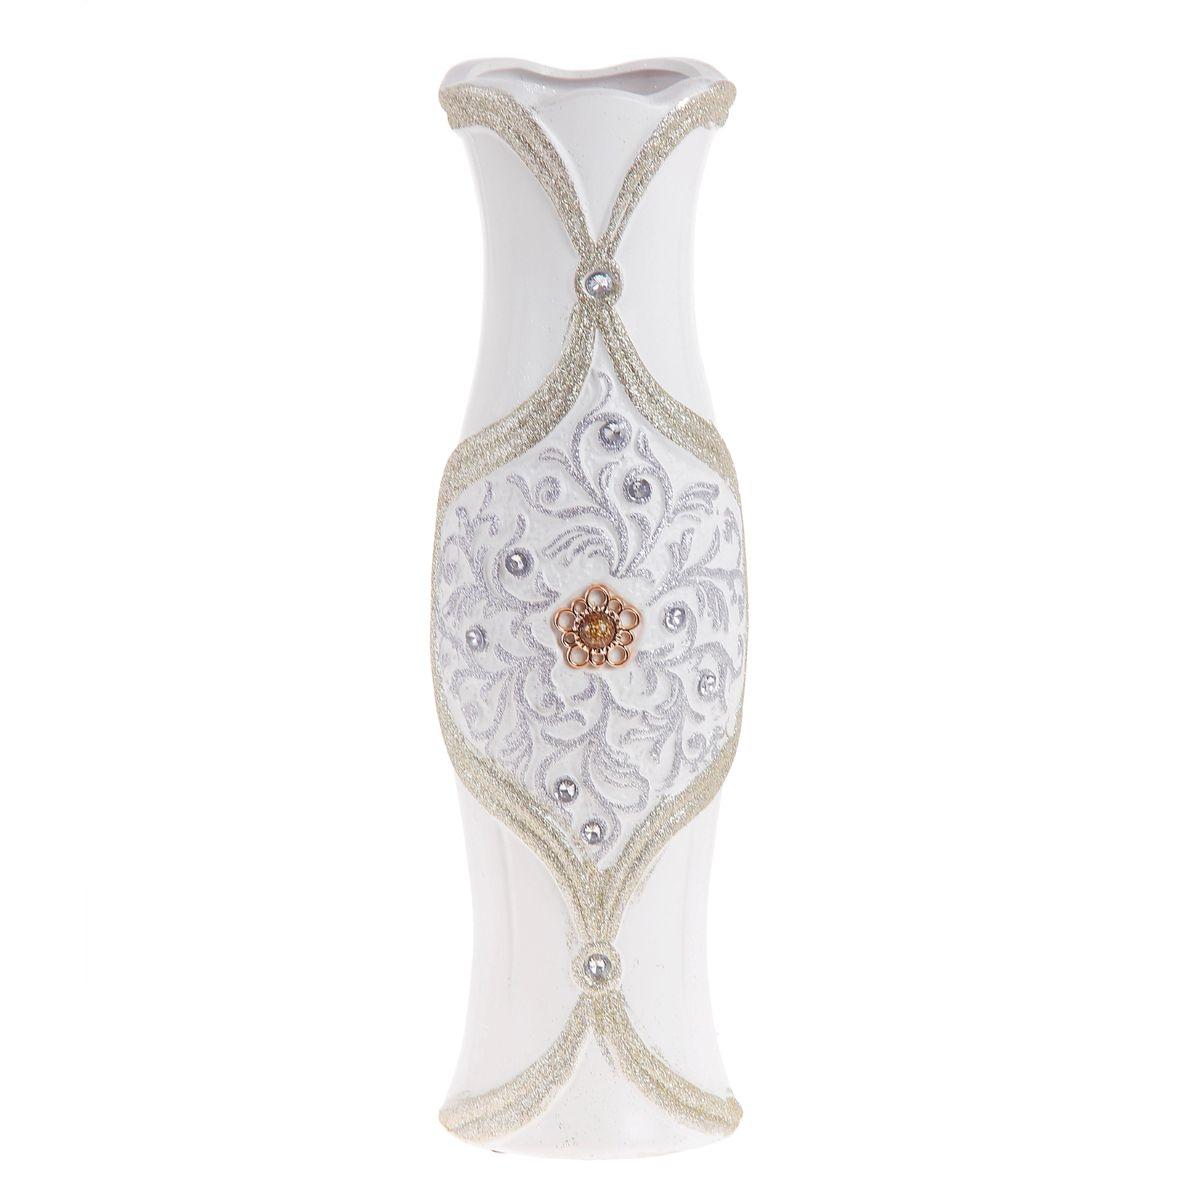 Ваза напольная Sima-land Янтарная брошка, высота 60 см. 913524913524Напольная ваза Sima-land Янтарная брошка, выполненная из керамики, станет изысканным украшением интерьера. Она предназначена как для живых, так и для искусственных цветов. Изделие декорировано блестками и стразами. Интересная форма и необычное оформление сделают эту вазу замечательным украшением интерьера. Любое помещение выглядит незавершенным без правильно расположенных предметов интерьера. Они помогают создать уют, расставить акценты, подчеркнуть достоинства или скрыть недостатки.